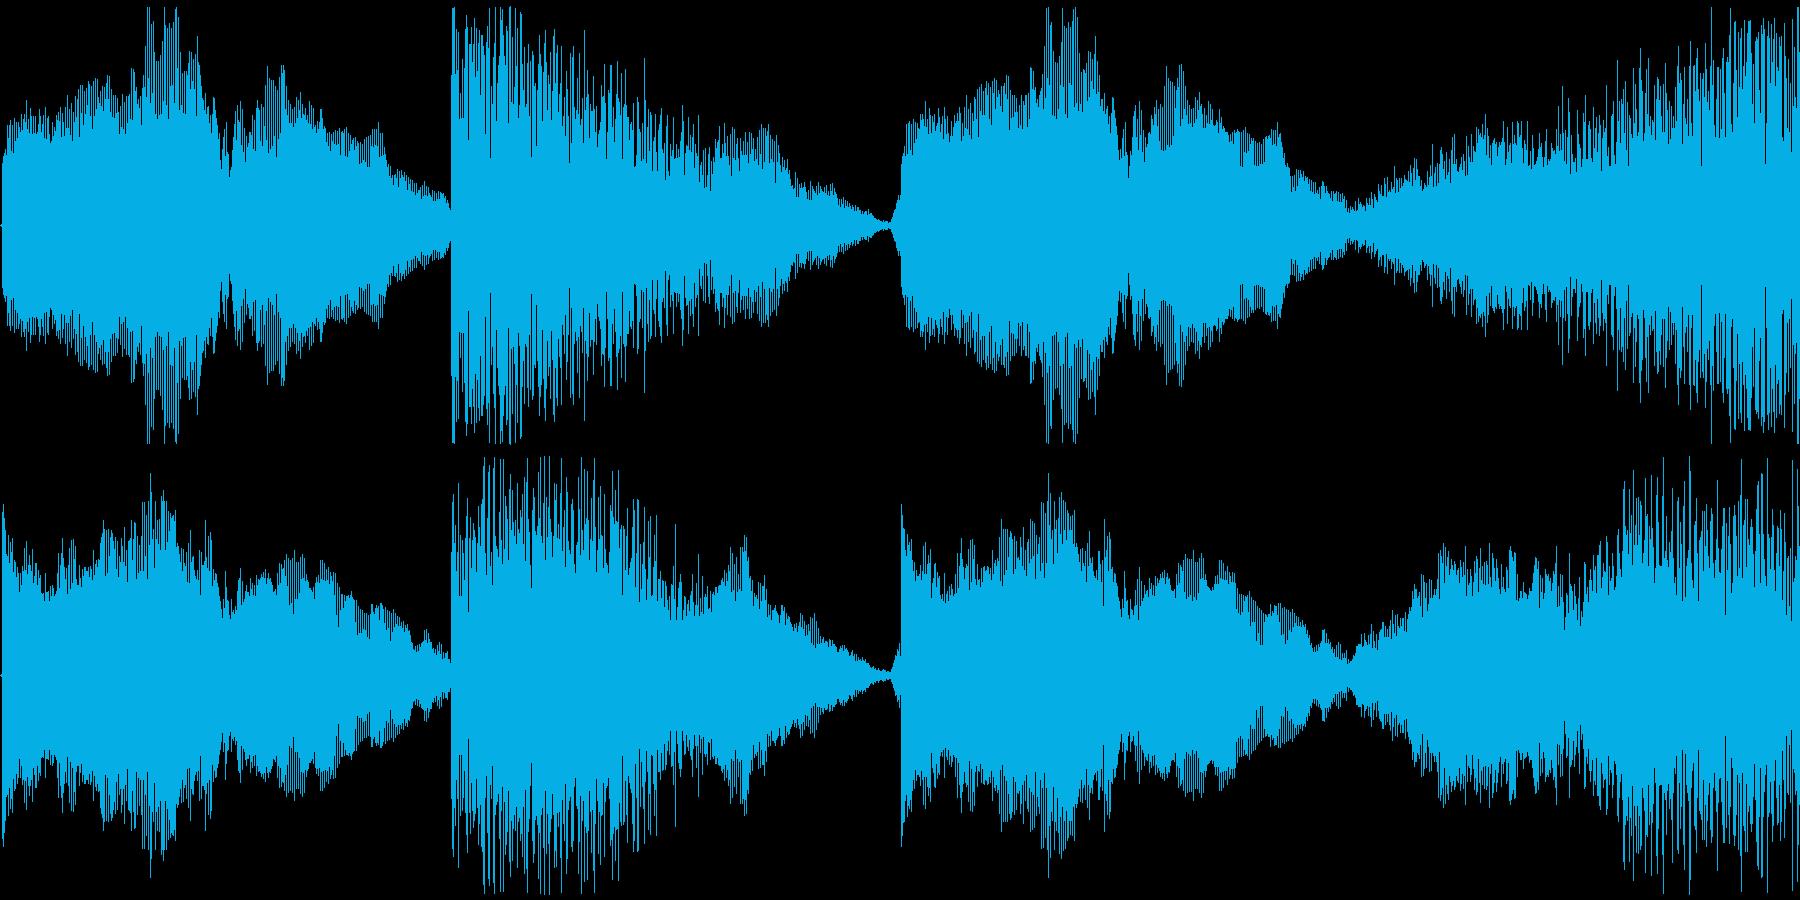 【ダークファンタジー/街/フィールド】の再生済みの波形